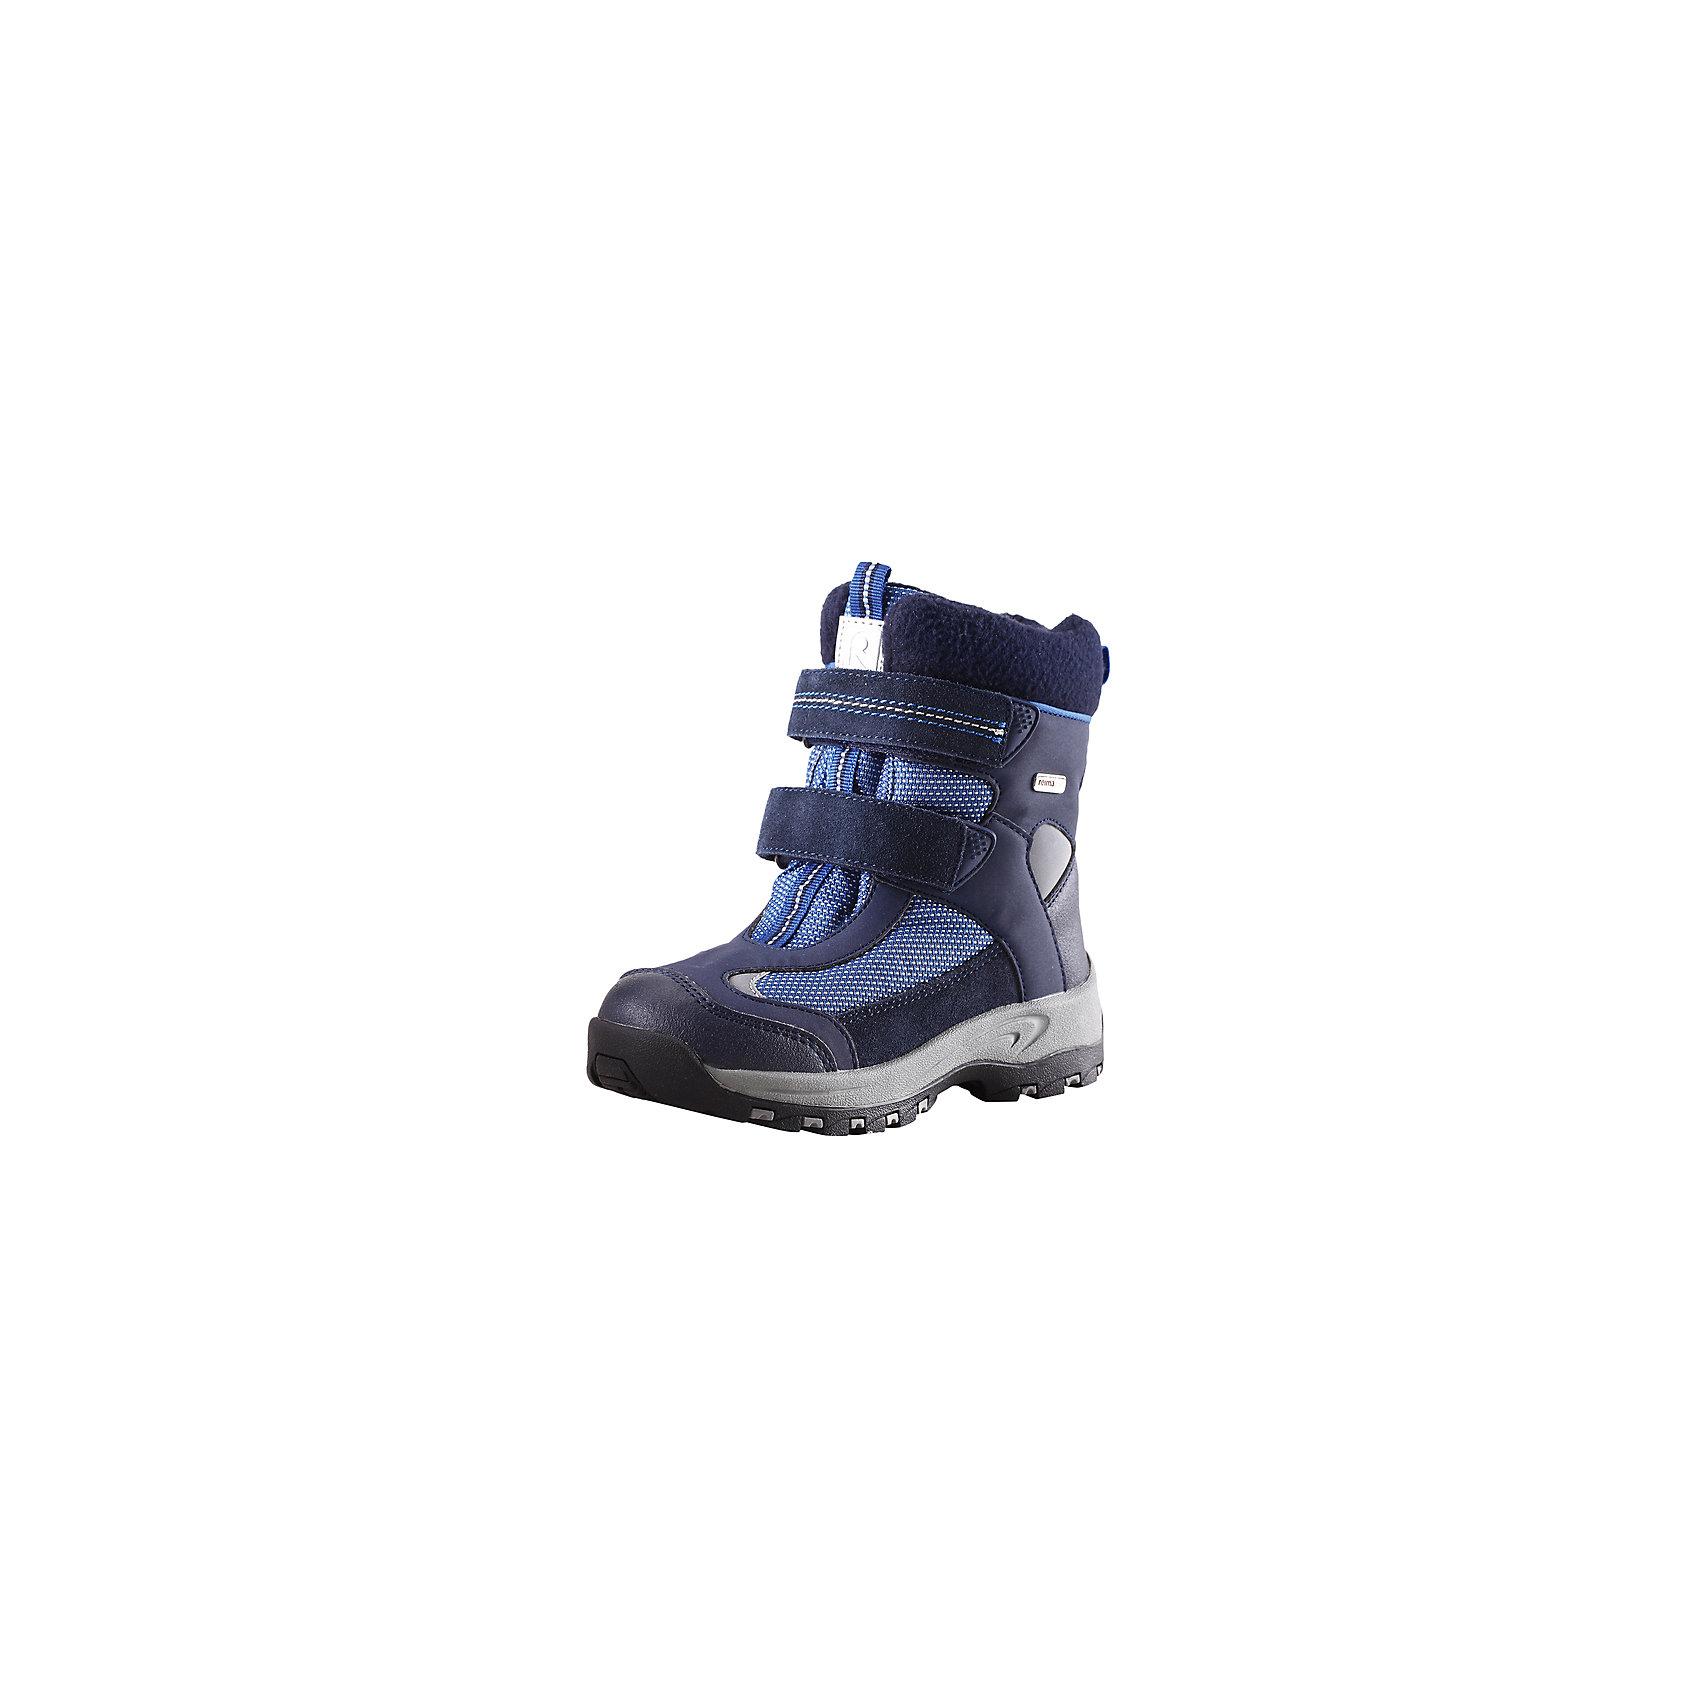 Ботинки Kinos Reimatec® ReimaОбувь<br>Ботинки Reimatec® Reima<br>Зимние ботинки для детей. Водонепроницаемая зимняя обувь. Верх из натуральной замши (из телячьей кожи), синтетического материала и текстиля. Эластичная и прочная резиновая подошва Reima® для максимальной устойчивости. Подкладка из смеси шерсти. Съемные стельки из войлока с рисунком Happy Fit, который помогает определить размер. Простая застежка на липучке, имеющая две точки крепления. Светоотражающие детали.<br>Уход:<br>Храните обувь в вертикальном положении при комнатной температуре. Сушить обувь всегда следует при комнатной температуре: вынув съемные стельки. Стельки следует время от времени заменять на новые. Налипшую грязь можно счищать щеткой или влажной тряпкой. Перед использованием обувь рекомендуется обрабатывать специальными защитными средствами.<br>Состав:<br>Подошва: Термопластиковая резина, Верх: 80% ПЭ 20% Кожа<br><br>Ширина мм: 262<br>Глубина мм: 176<br>Высота мм: 97<br>Вес г: 427<br>Цвет: синий<br>Возраст от месяцев: 24<br>Возраст до месяцев: 36<br>Пол: Мужской<br>Возраст: Детский<br>Размер: 26,32,33,29,31,30,25,27,34,35,28,24<br>SKU: 4777007